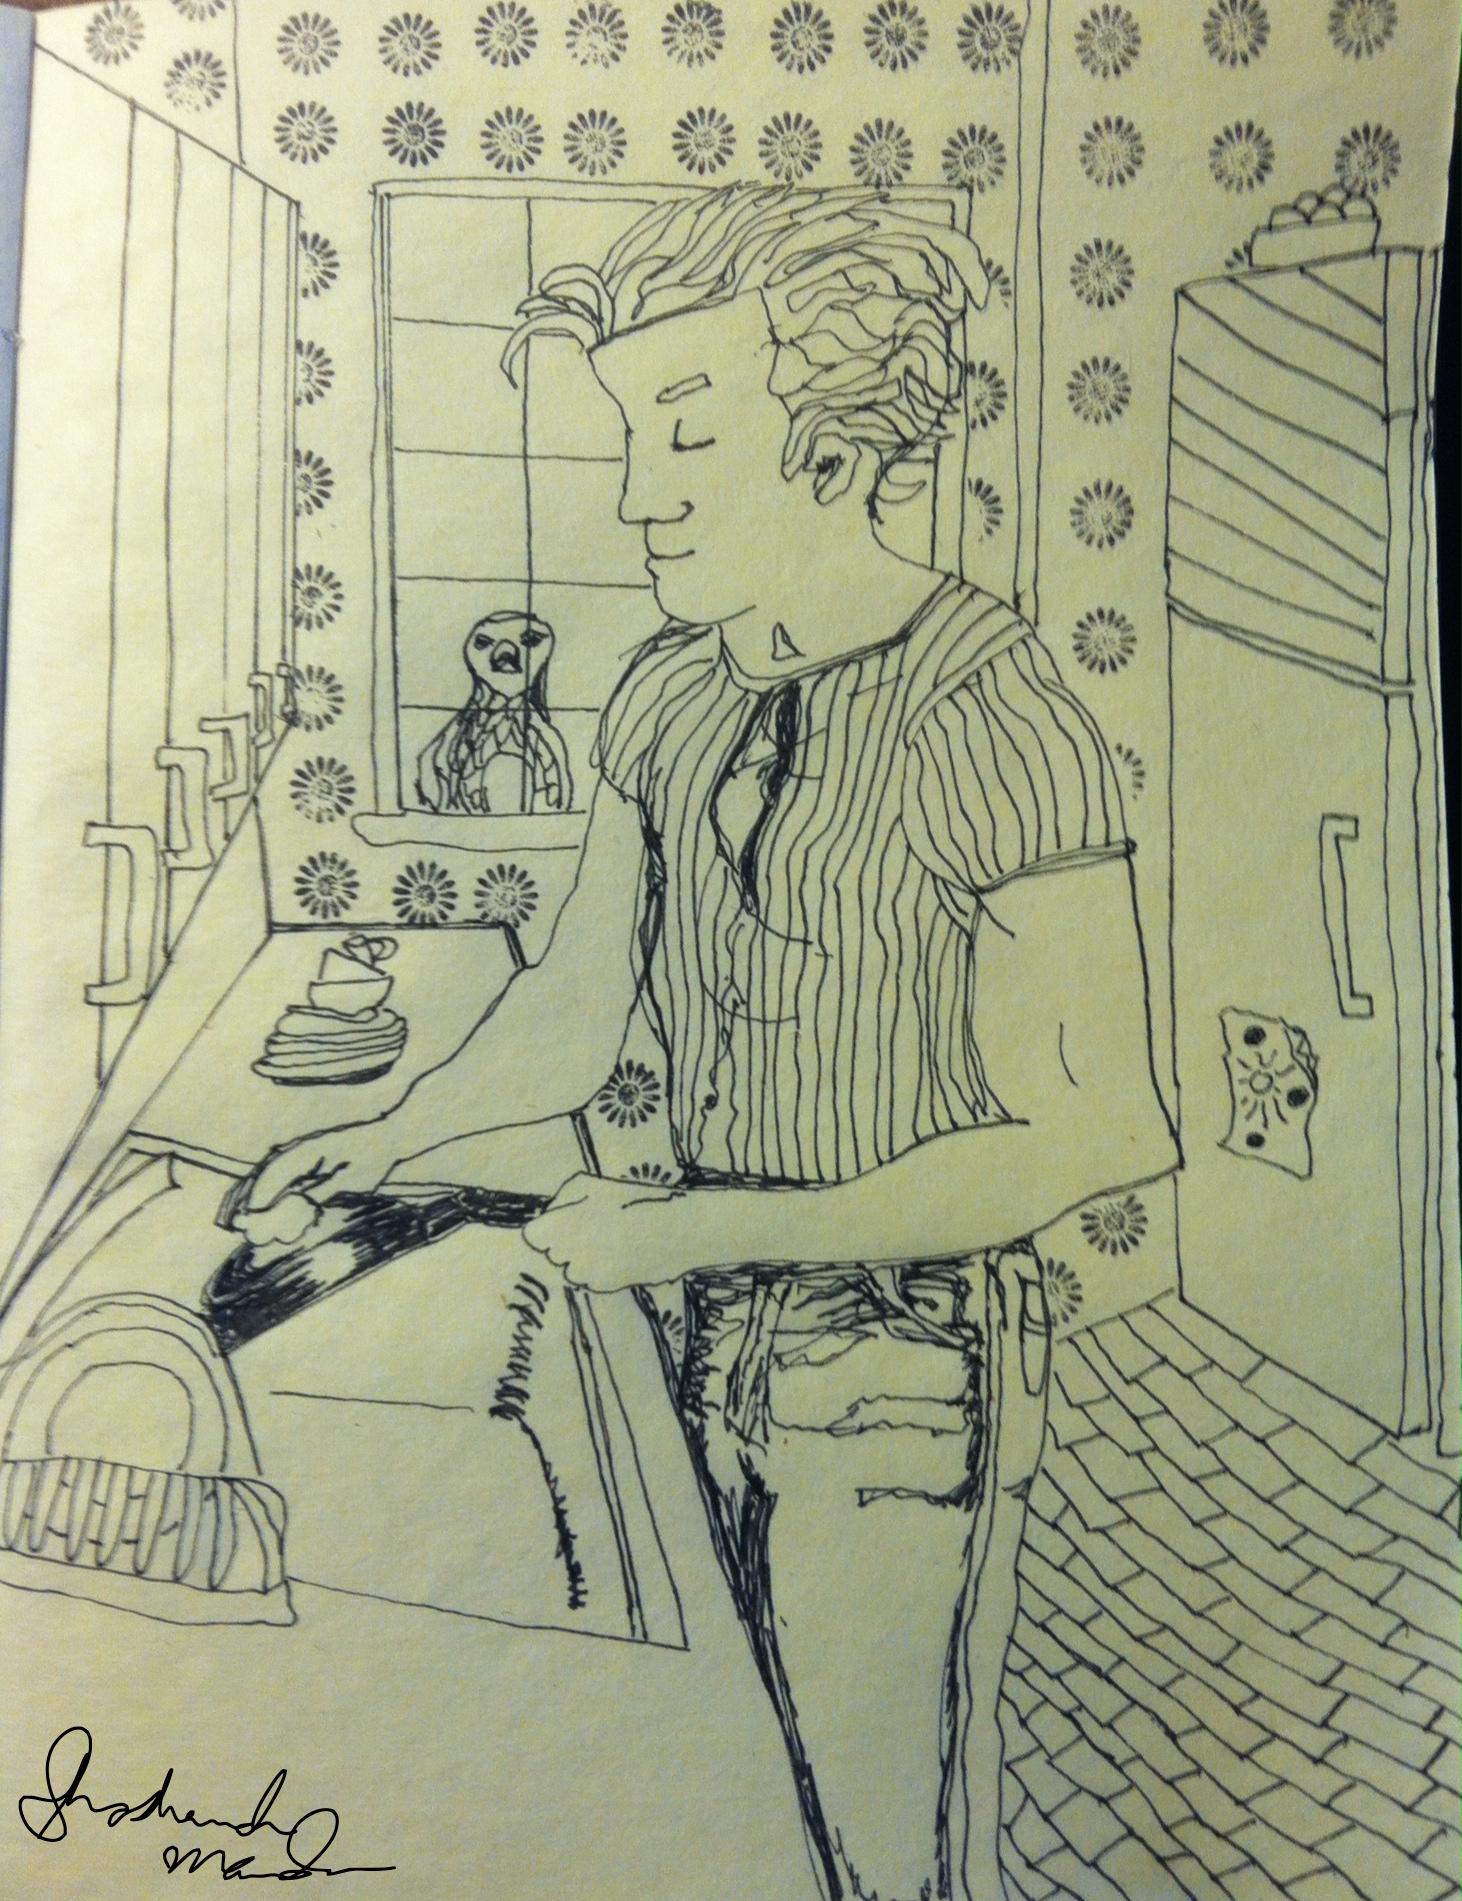 man cleaning house sketch shoshanah marohn 2016